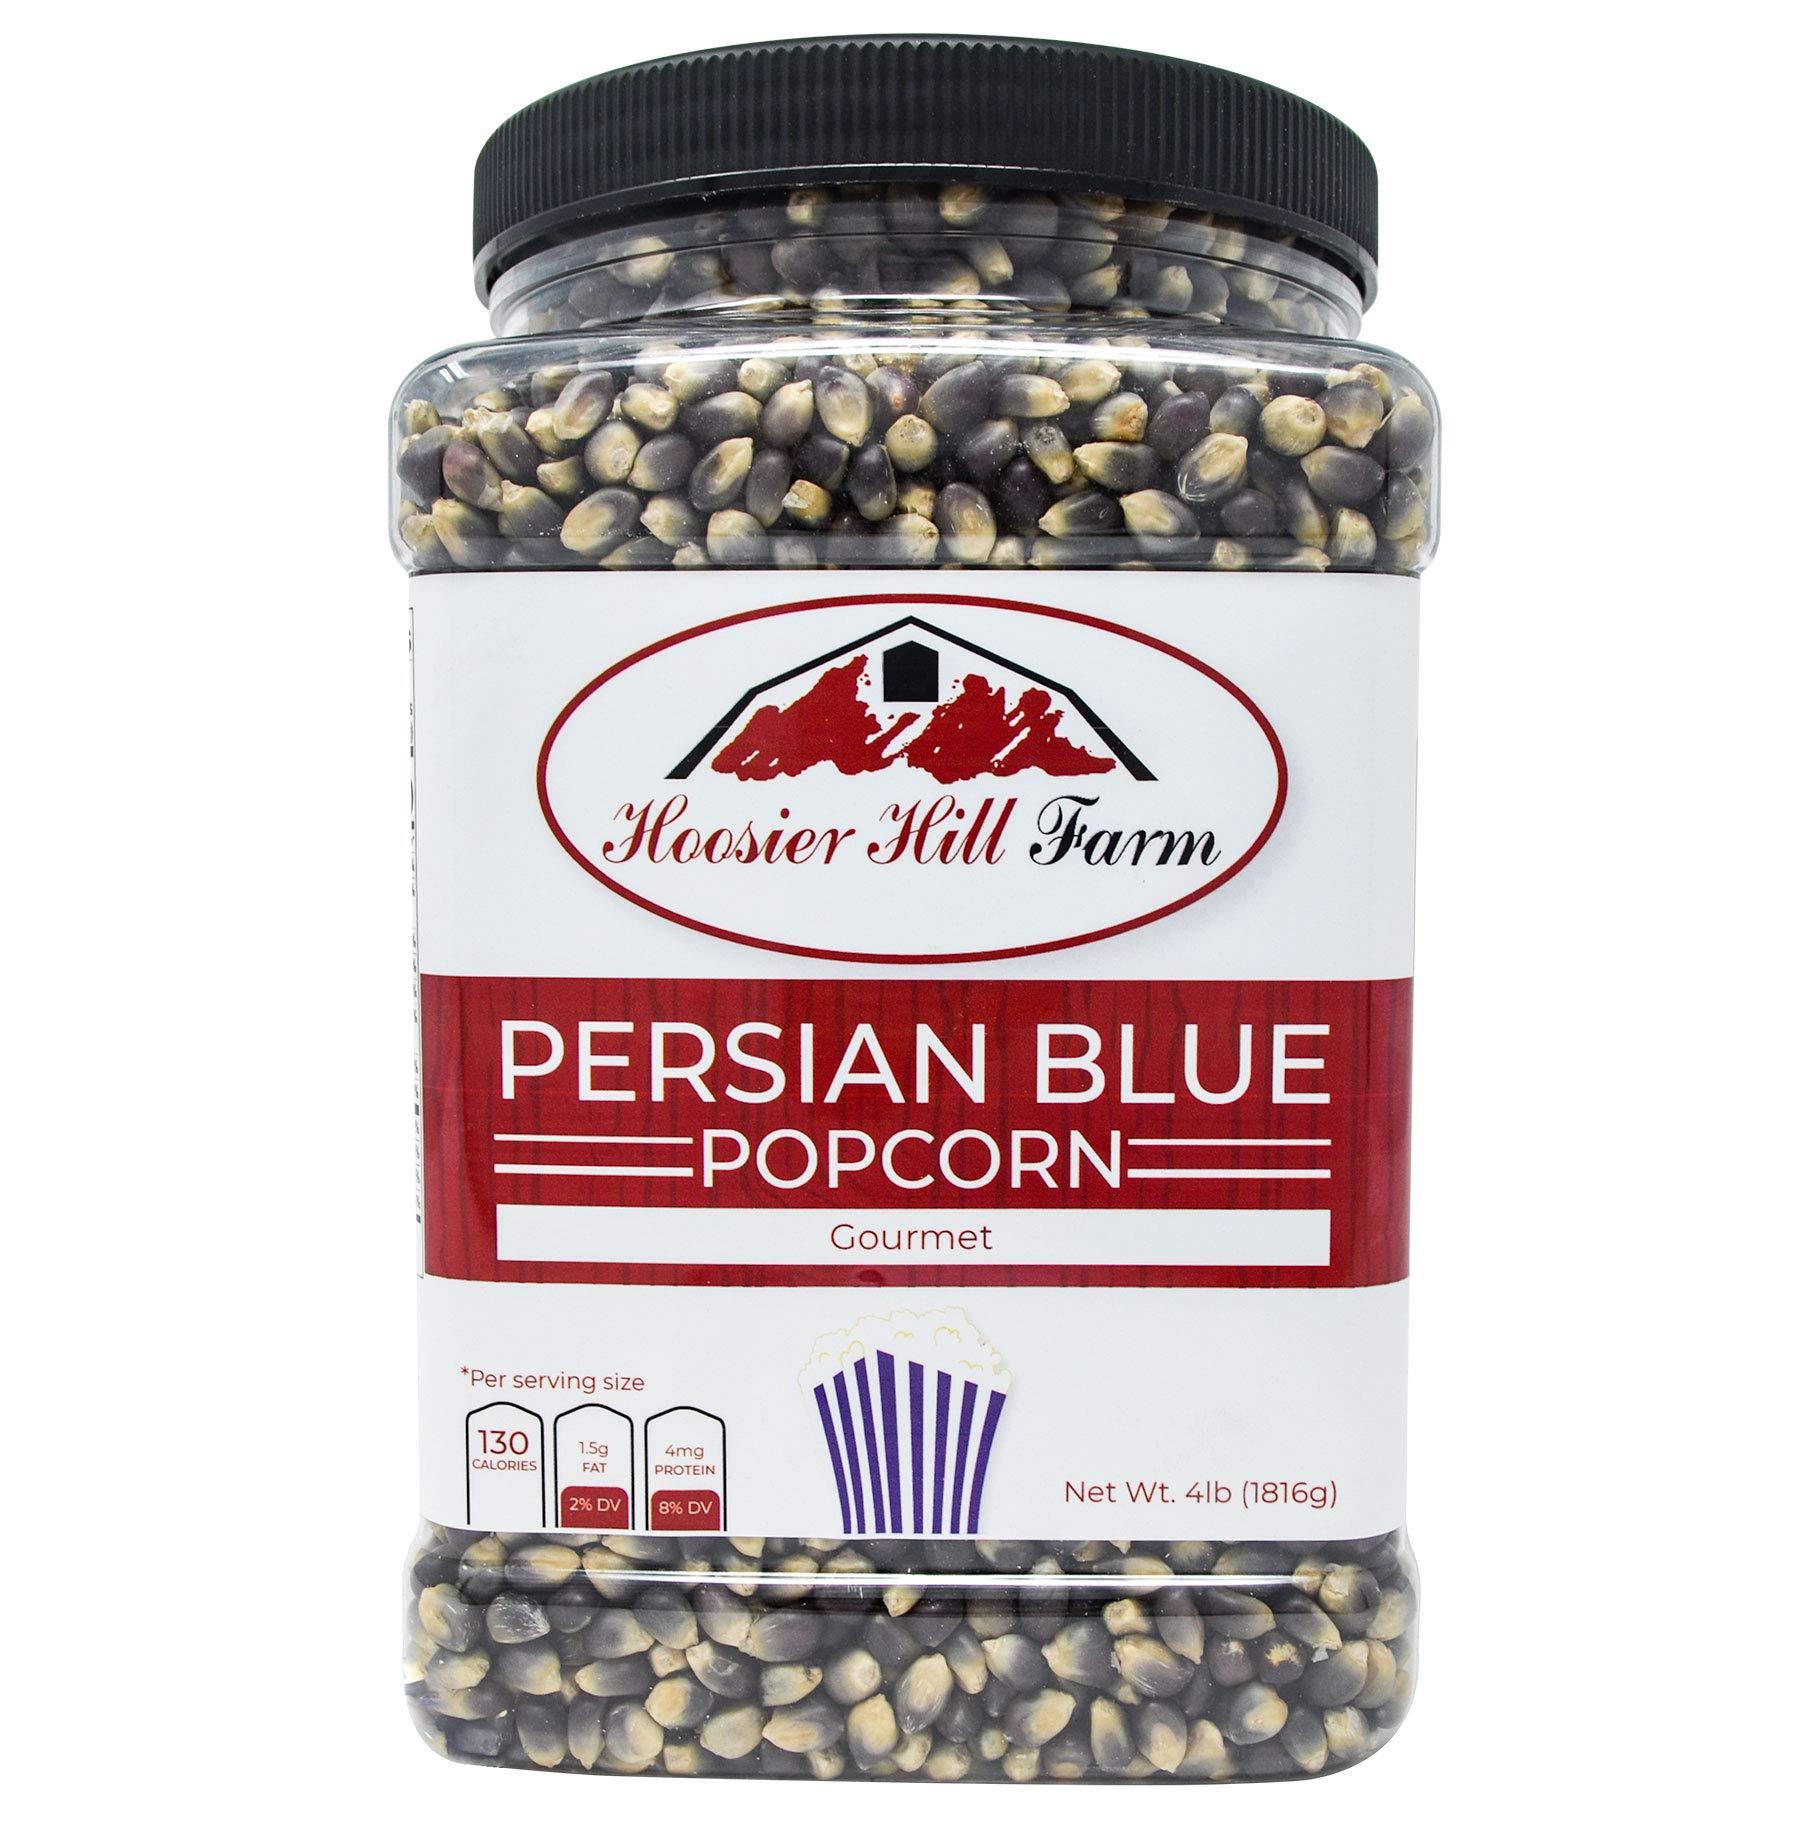 Hoosier Hill Farm Gourmet Persian Blue, Popcorn Lovers 4 lb. Jar. by Hoosier Hill Farm